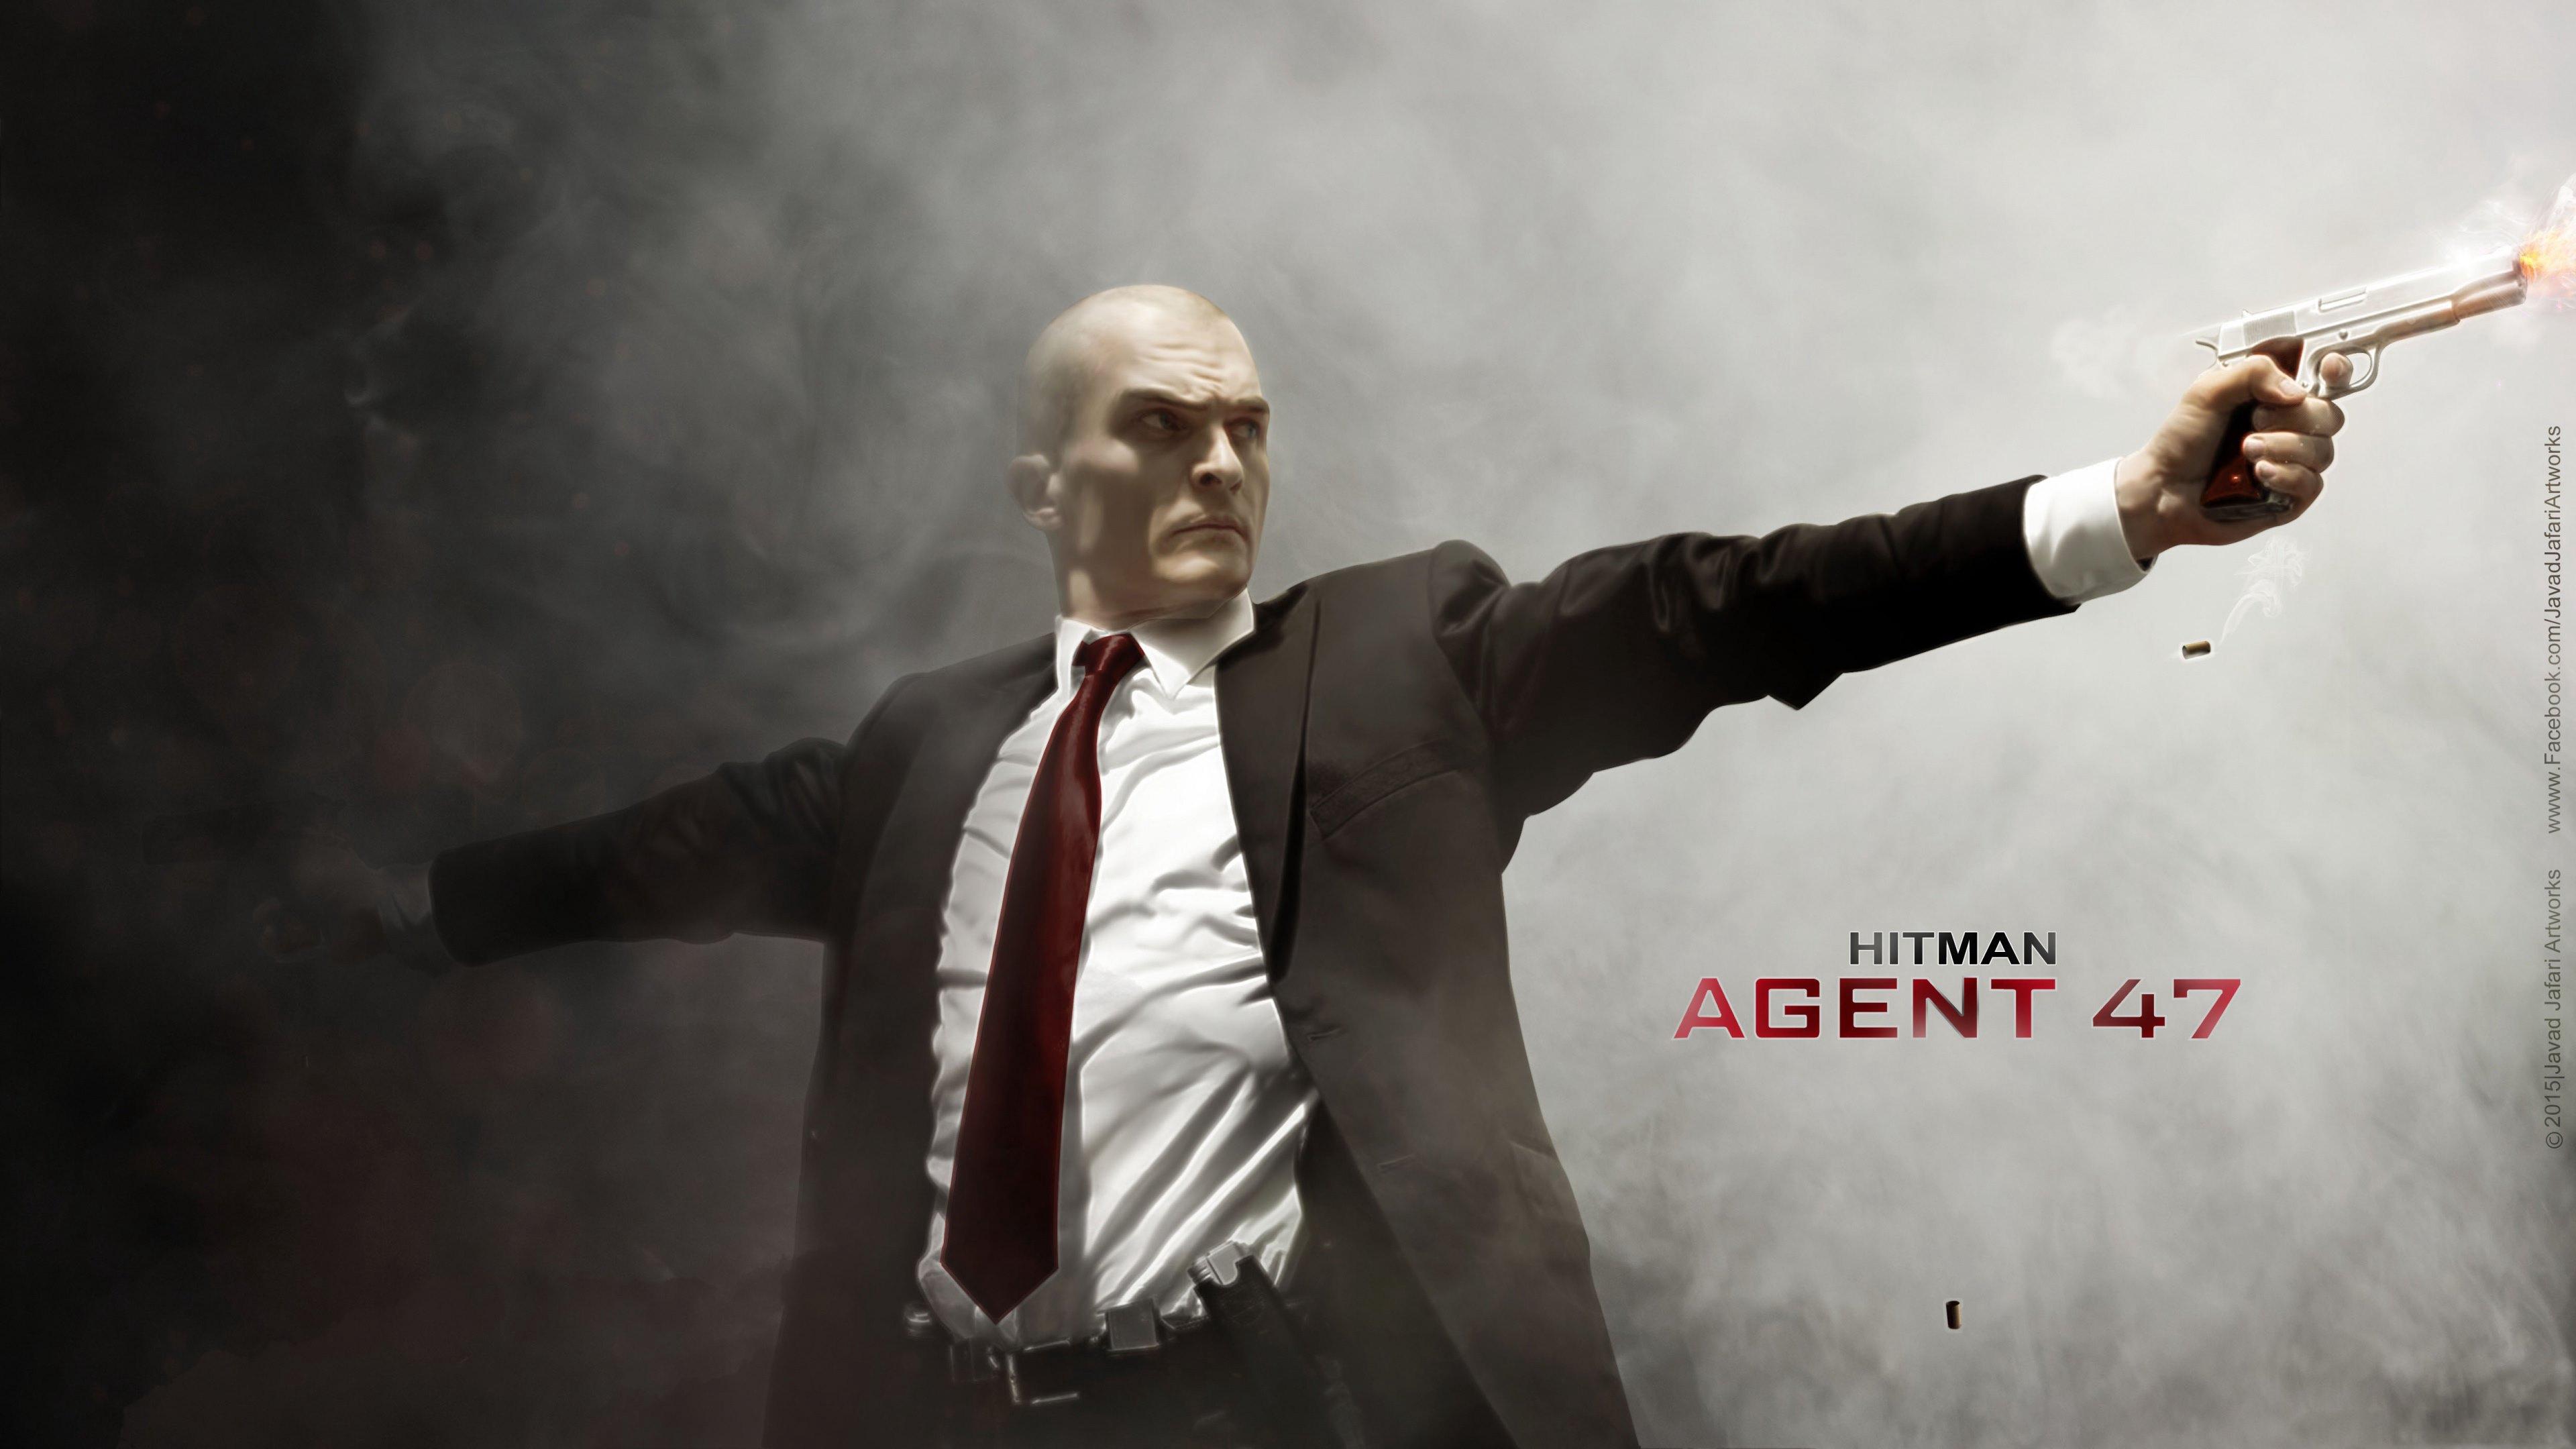 hitman agent 47 rupert friend art 4k 1539368174 - hitman agent 47, rupert friend, art 4k - rupert friend, hitman agent 47, art